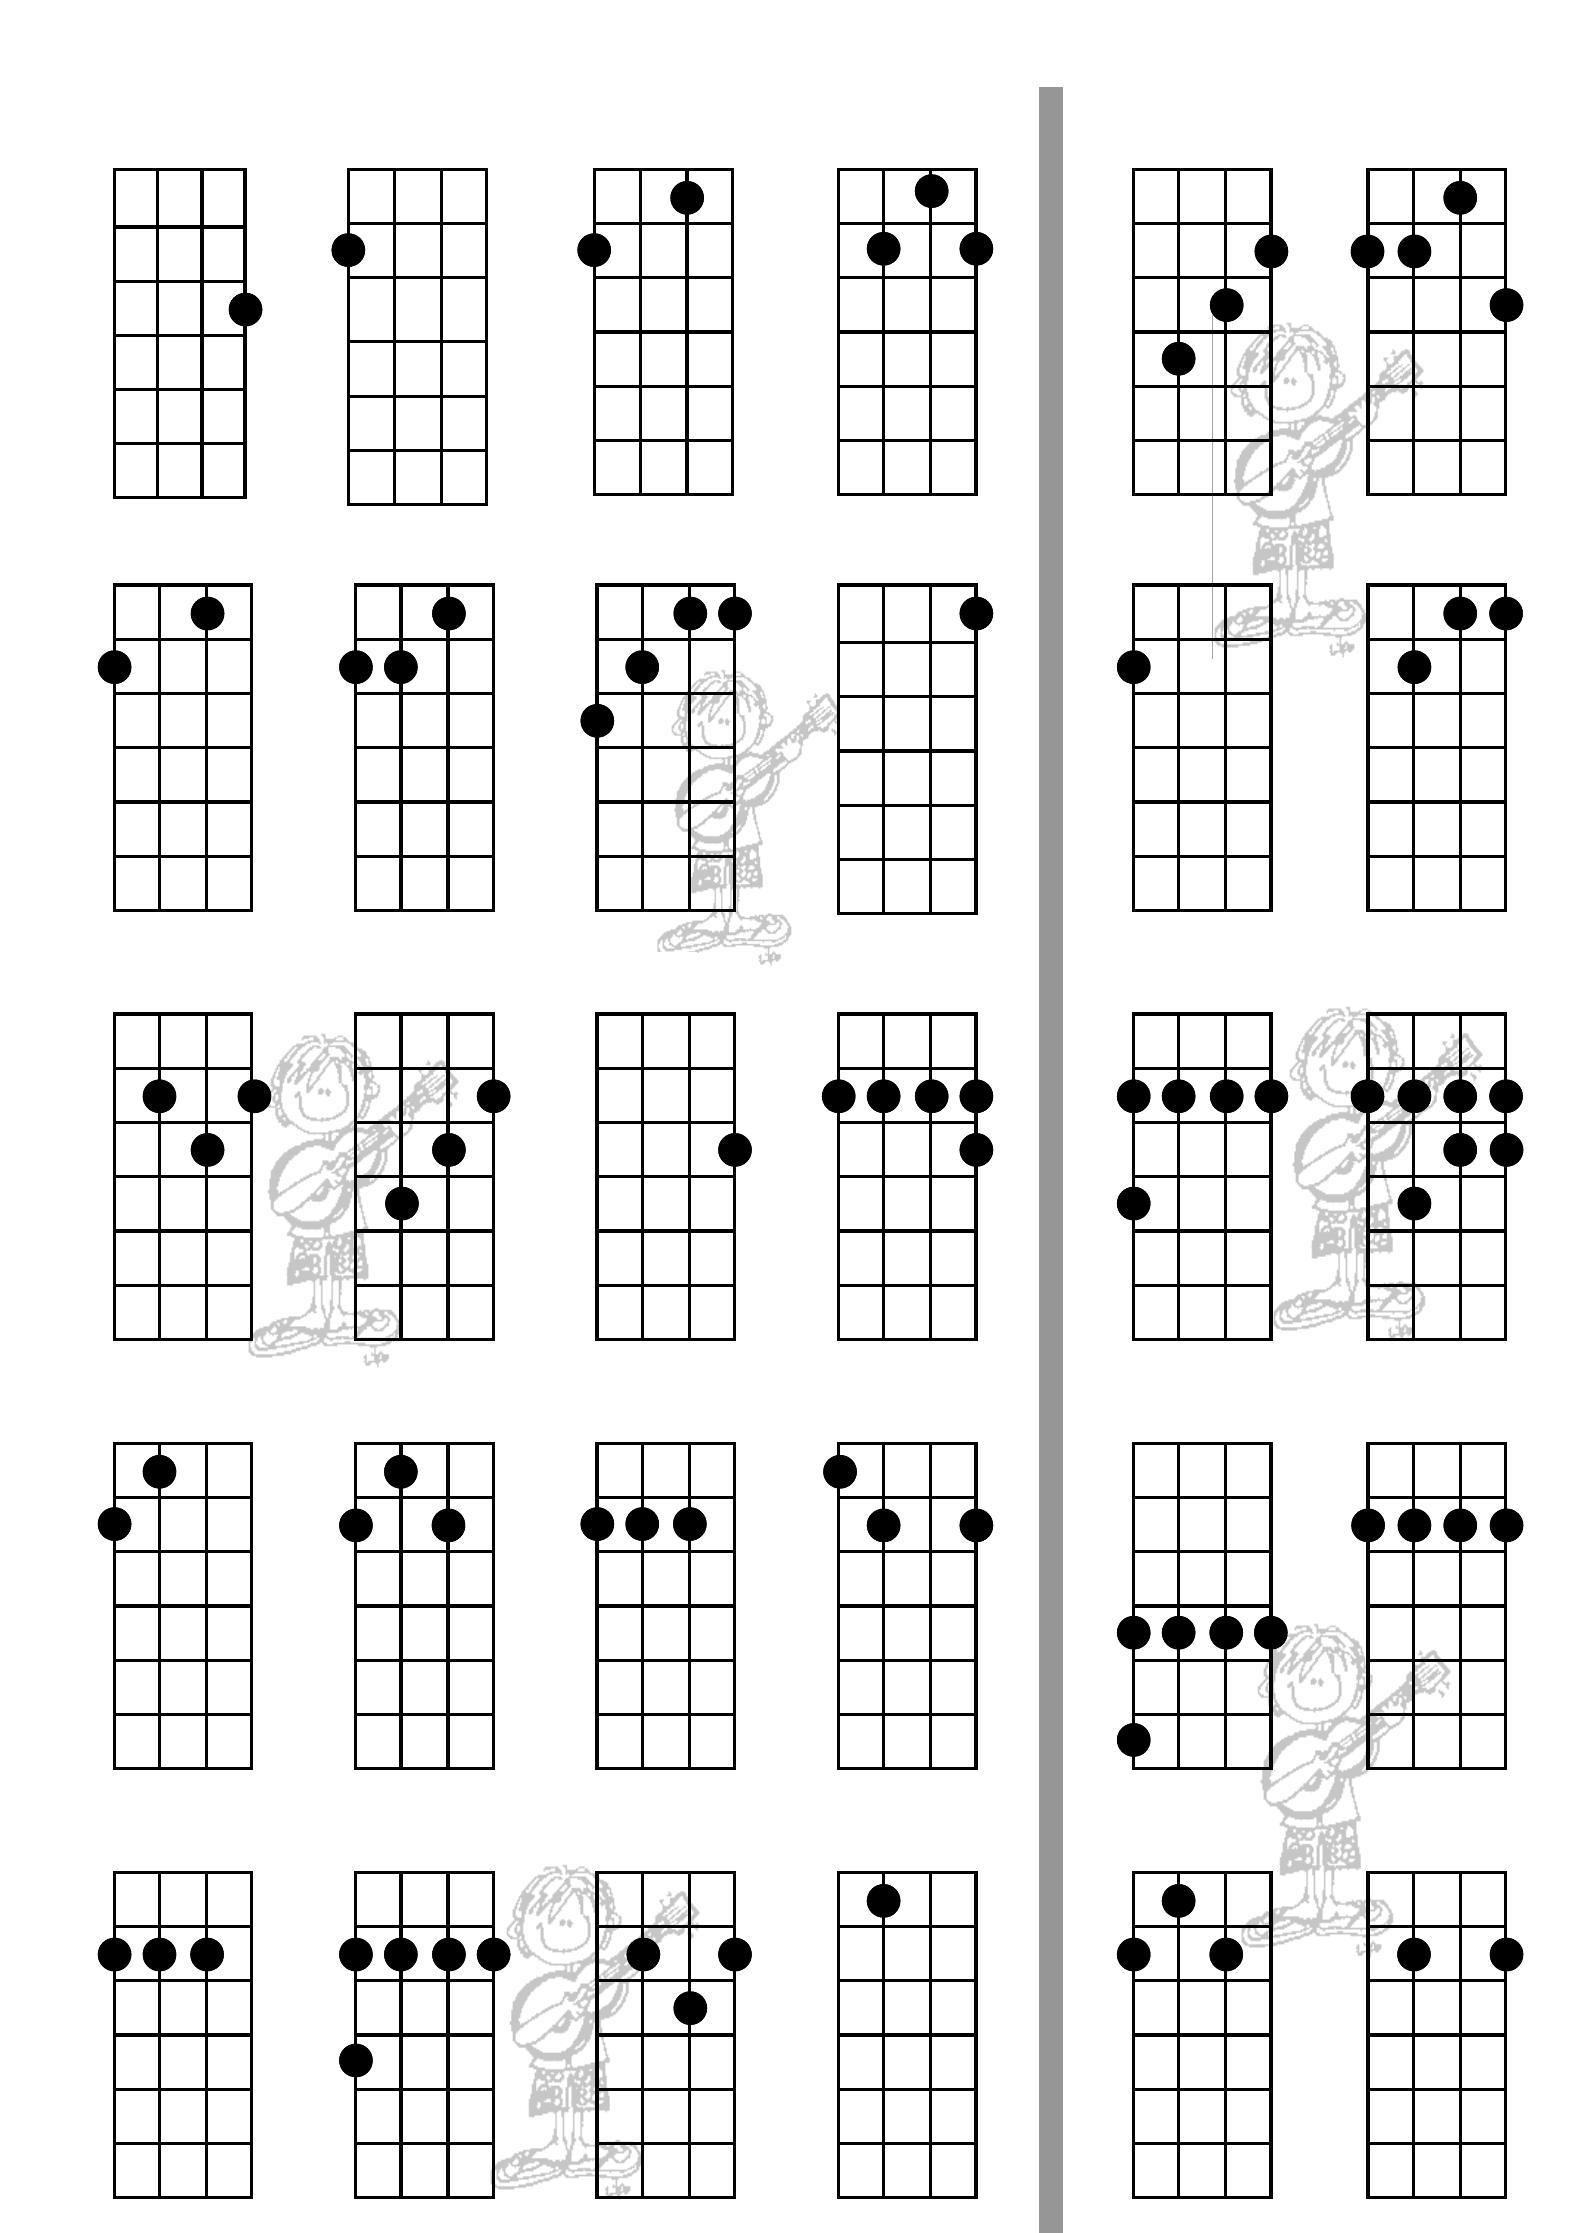 ukulele chord progressions chart